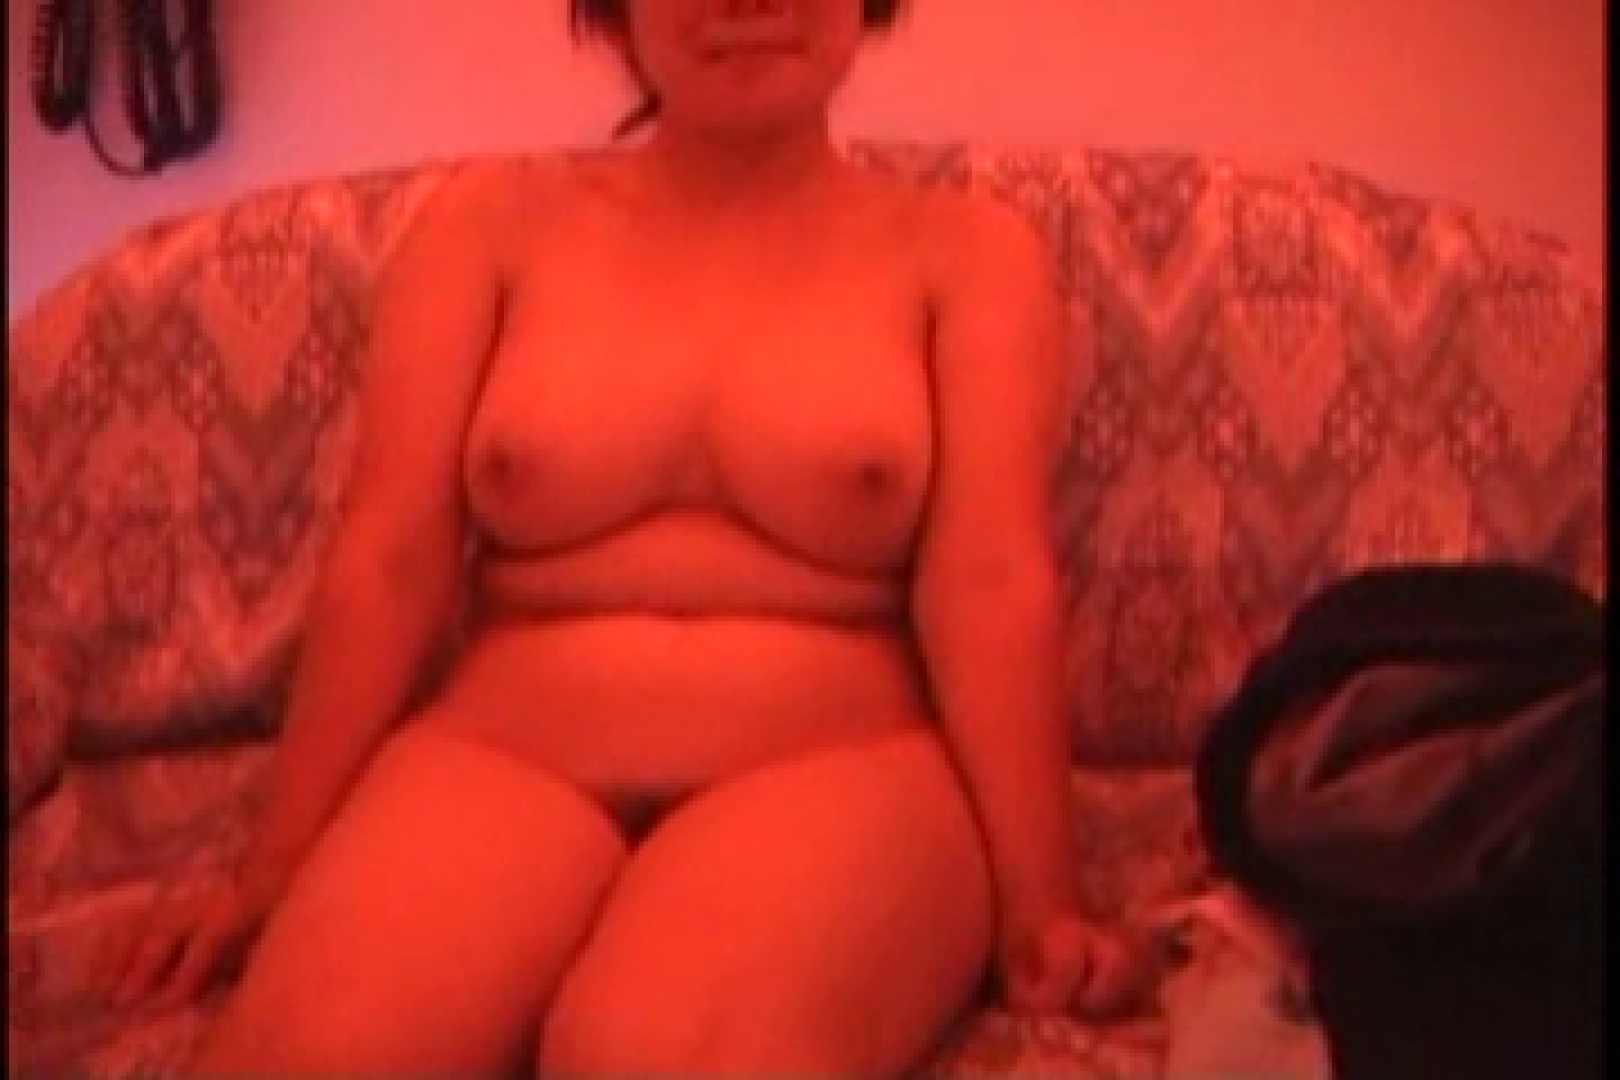 長野援助 かおりちゃん18歳 モロだしオマンコ AV動画キャプチャ 73pic 29